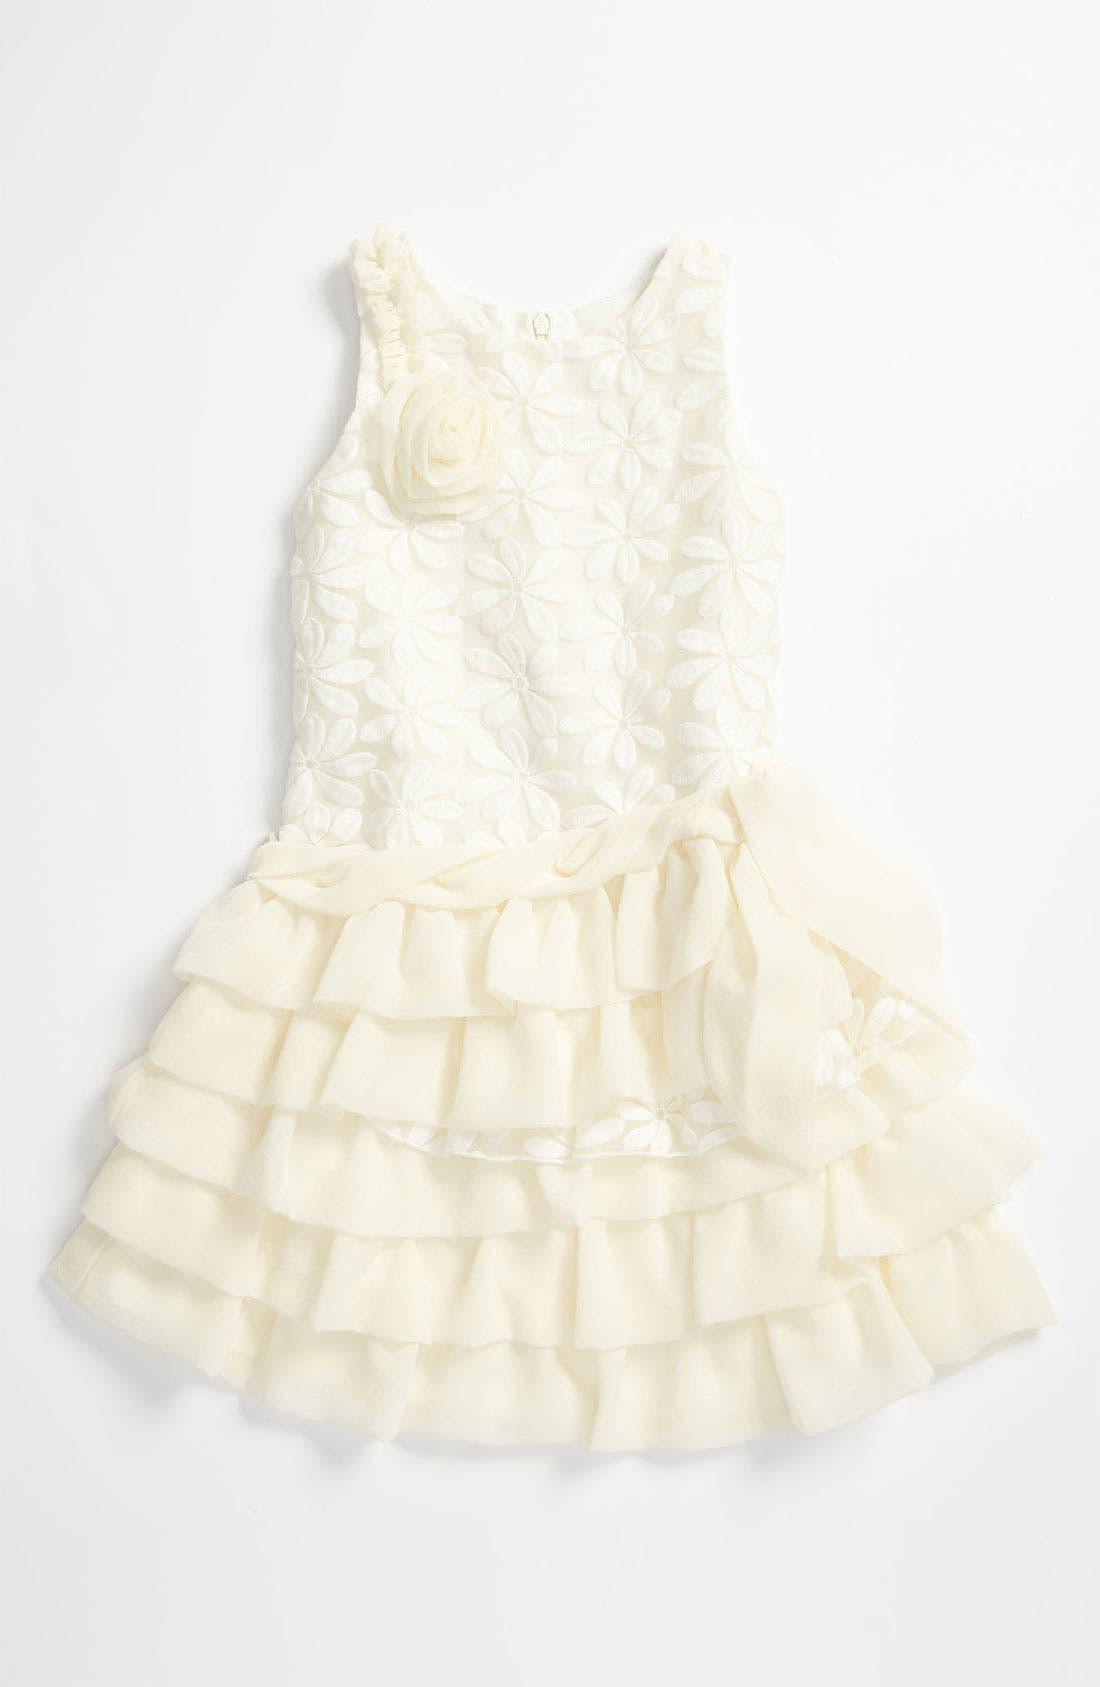 Main Image - Isobella & Chloe 'Garden Party' Drop Waist Dress (Little Girls & Big Girls)